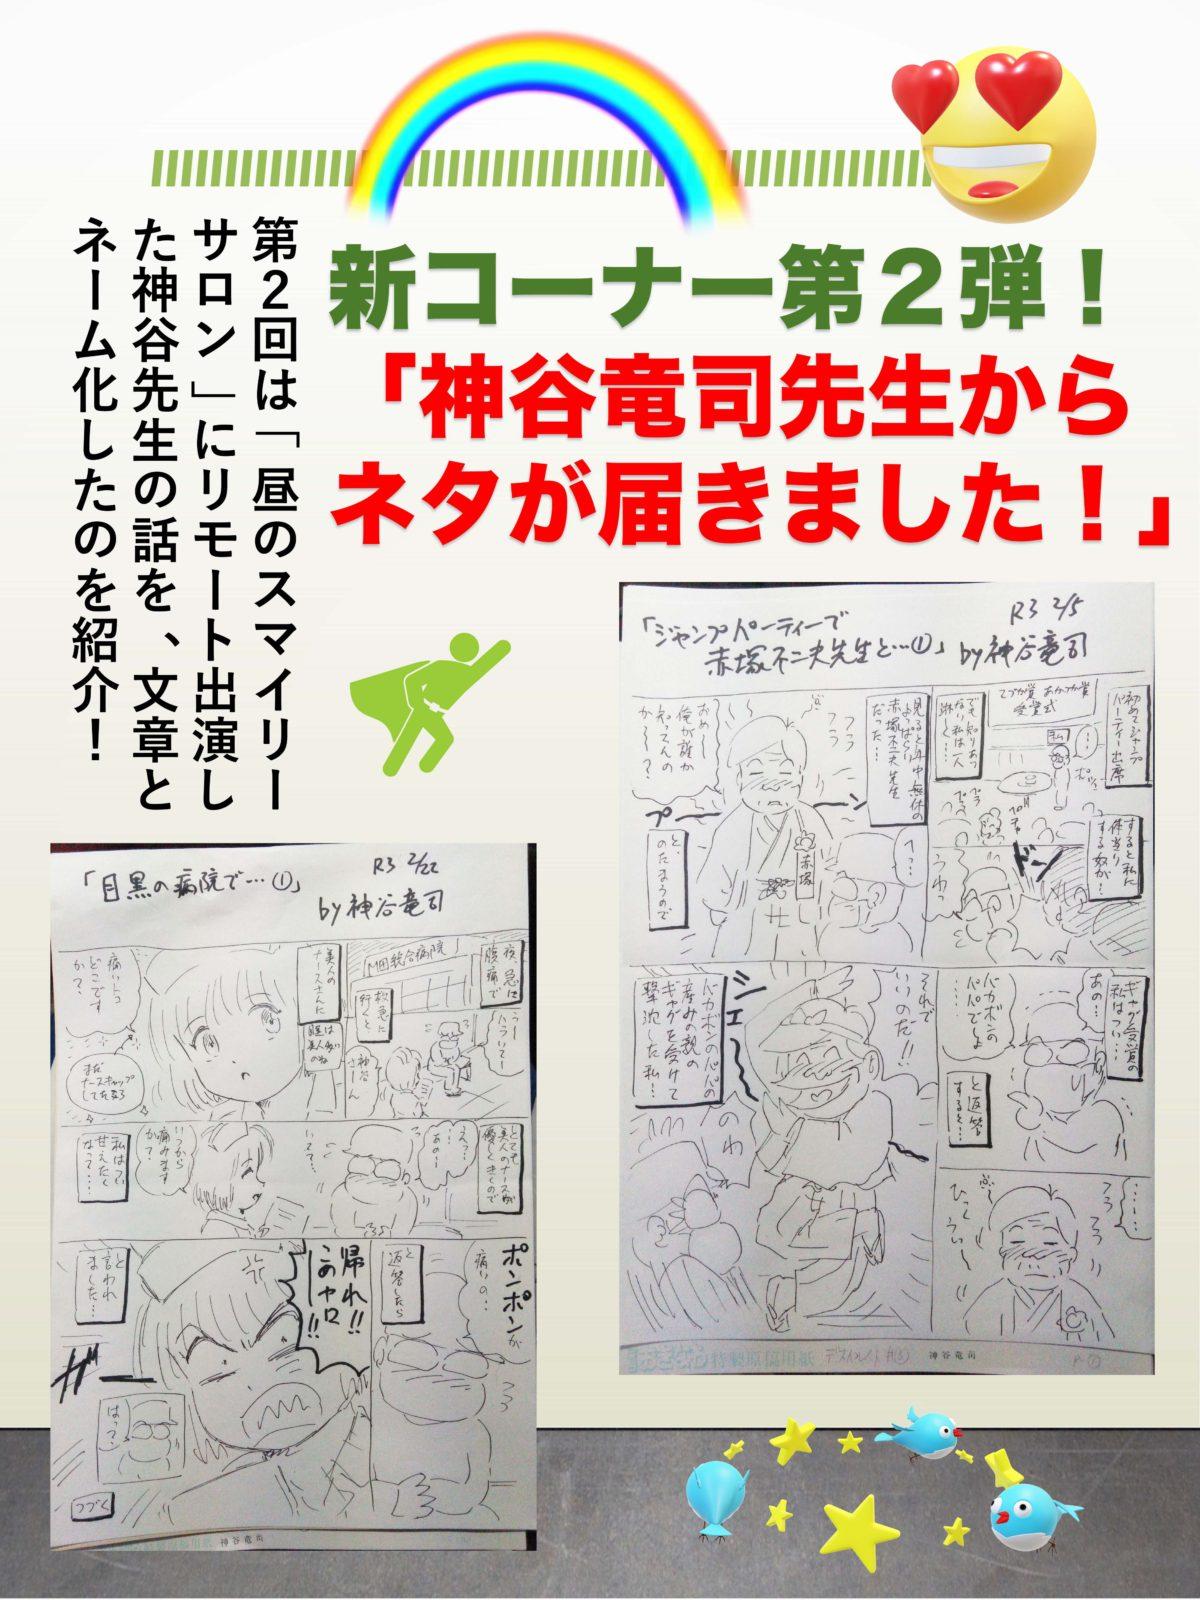 「神谷竜司先生からネタが届きました!」その2 今回は2ネタ!